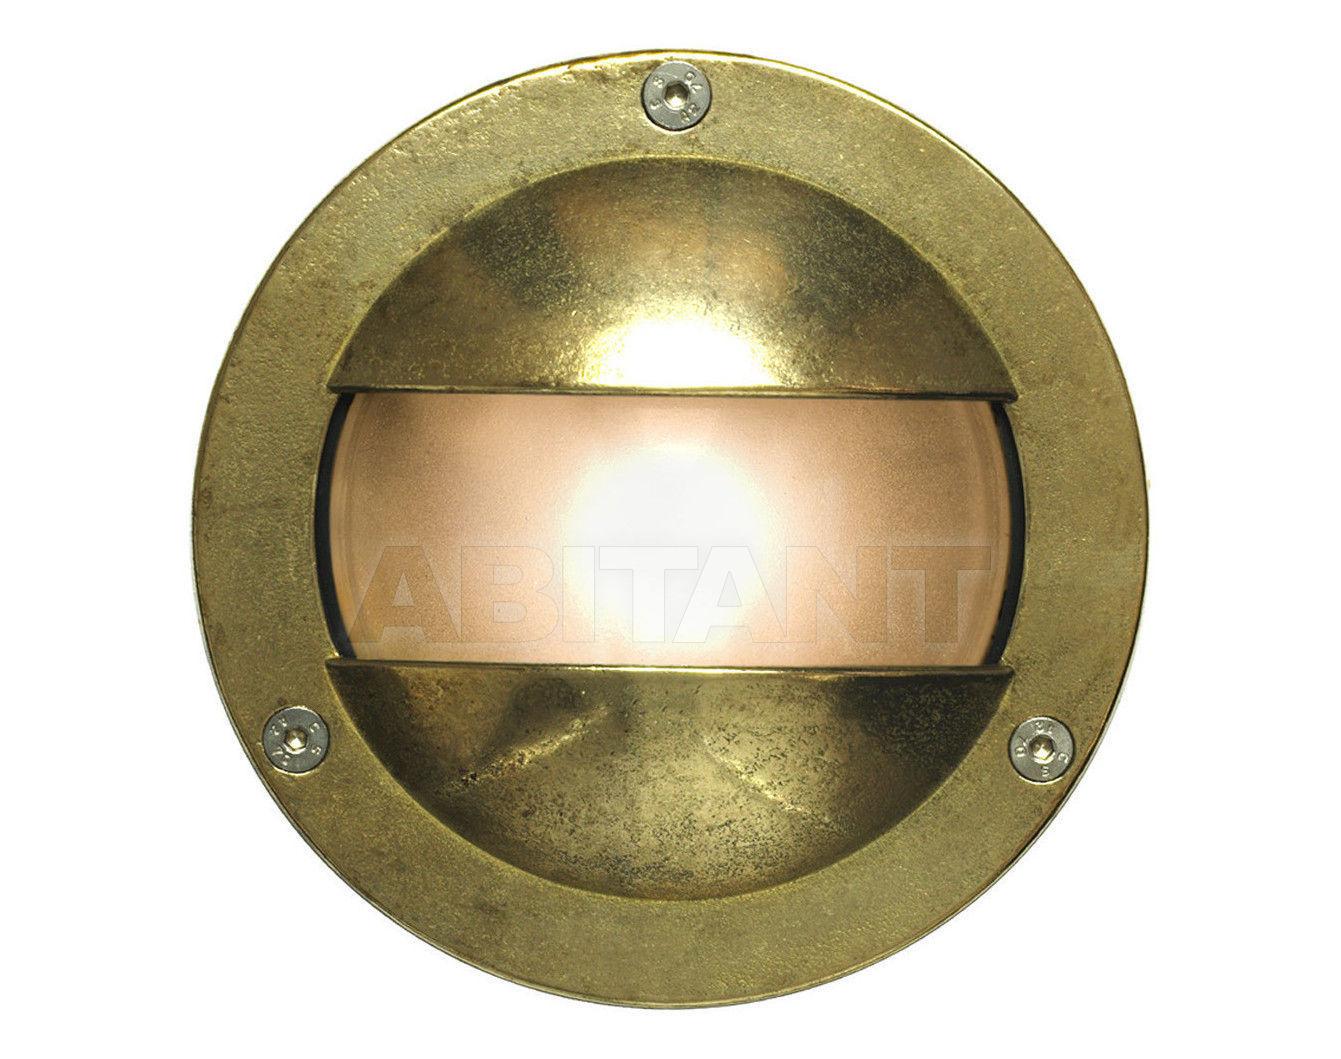 Купить Светильник Davey Lighting Bulkhead Lights 8037/BR/GX53